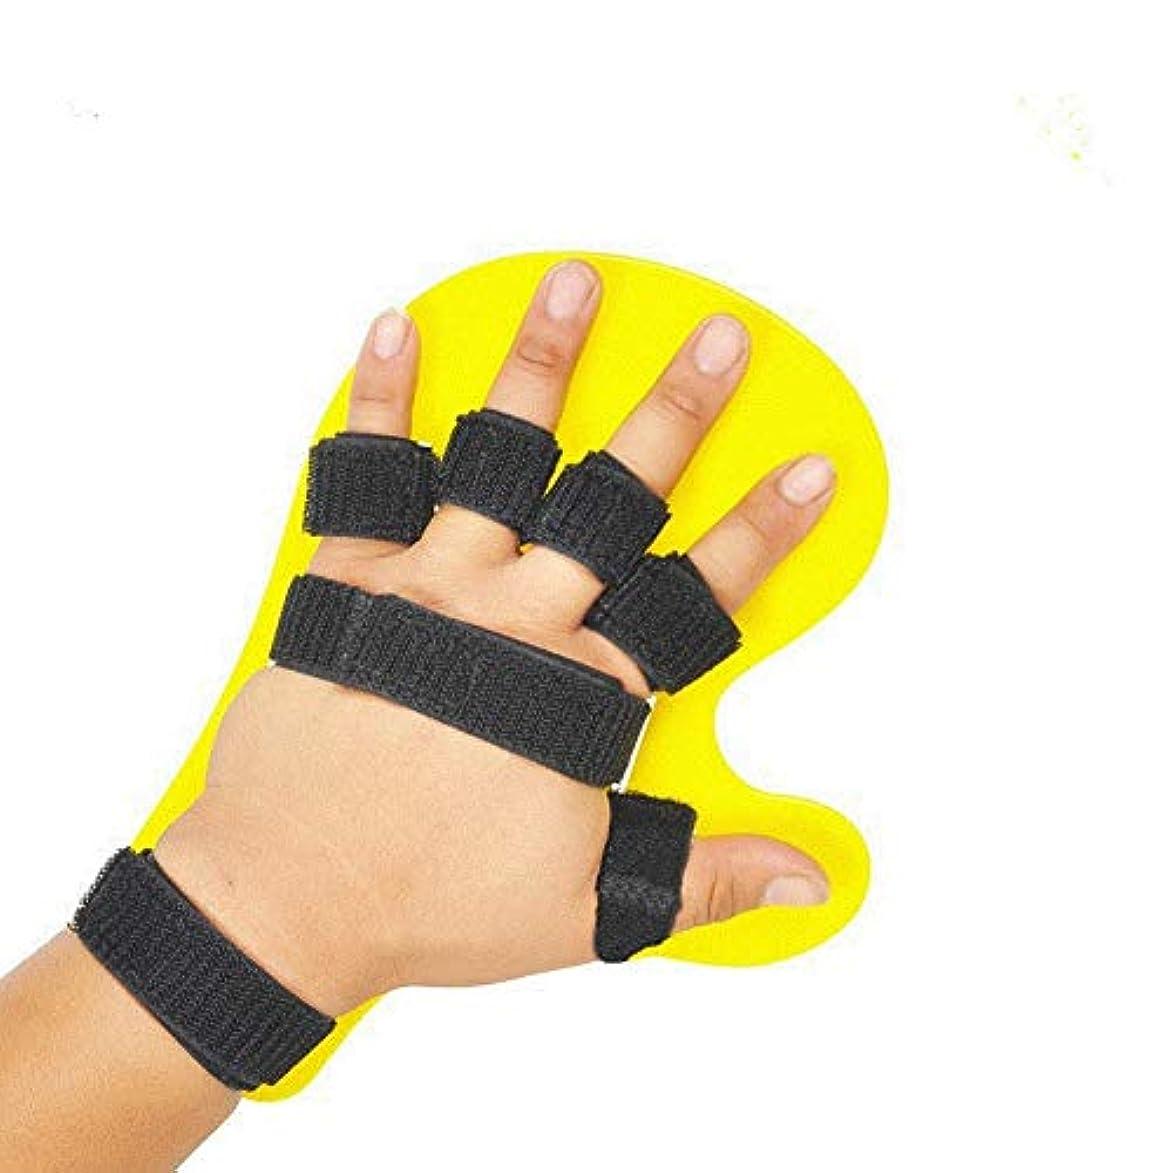 統治する枢機卿フィールド調節可能な 成人指板は、筋萎縮を防止します指セパレーター(黄色)